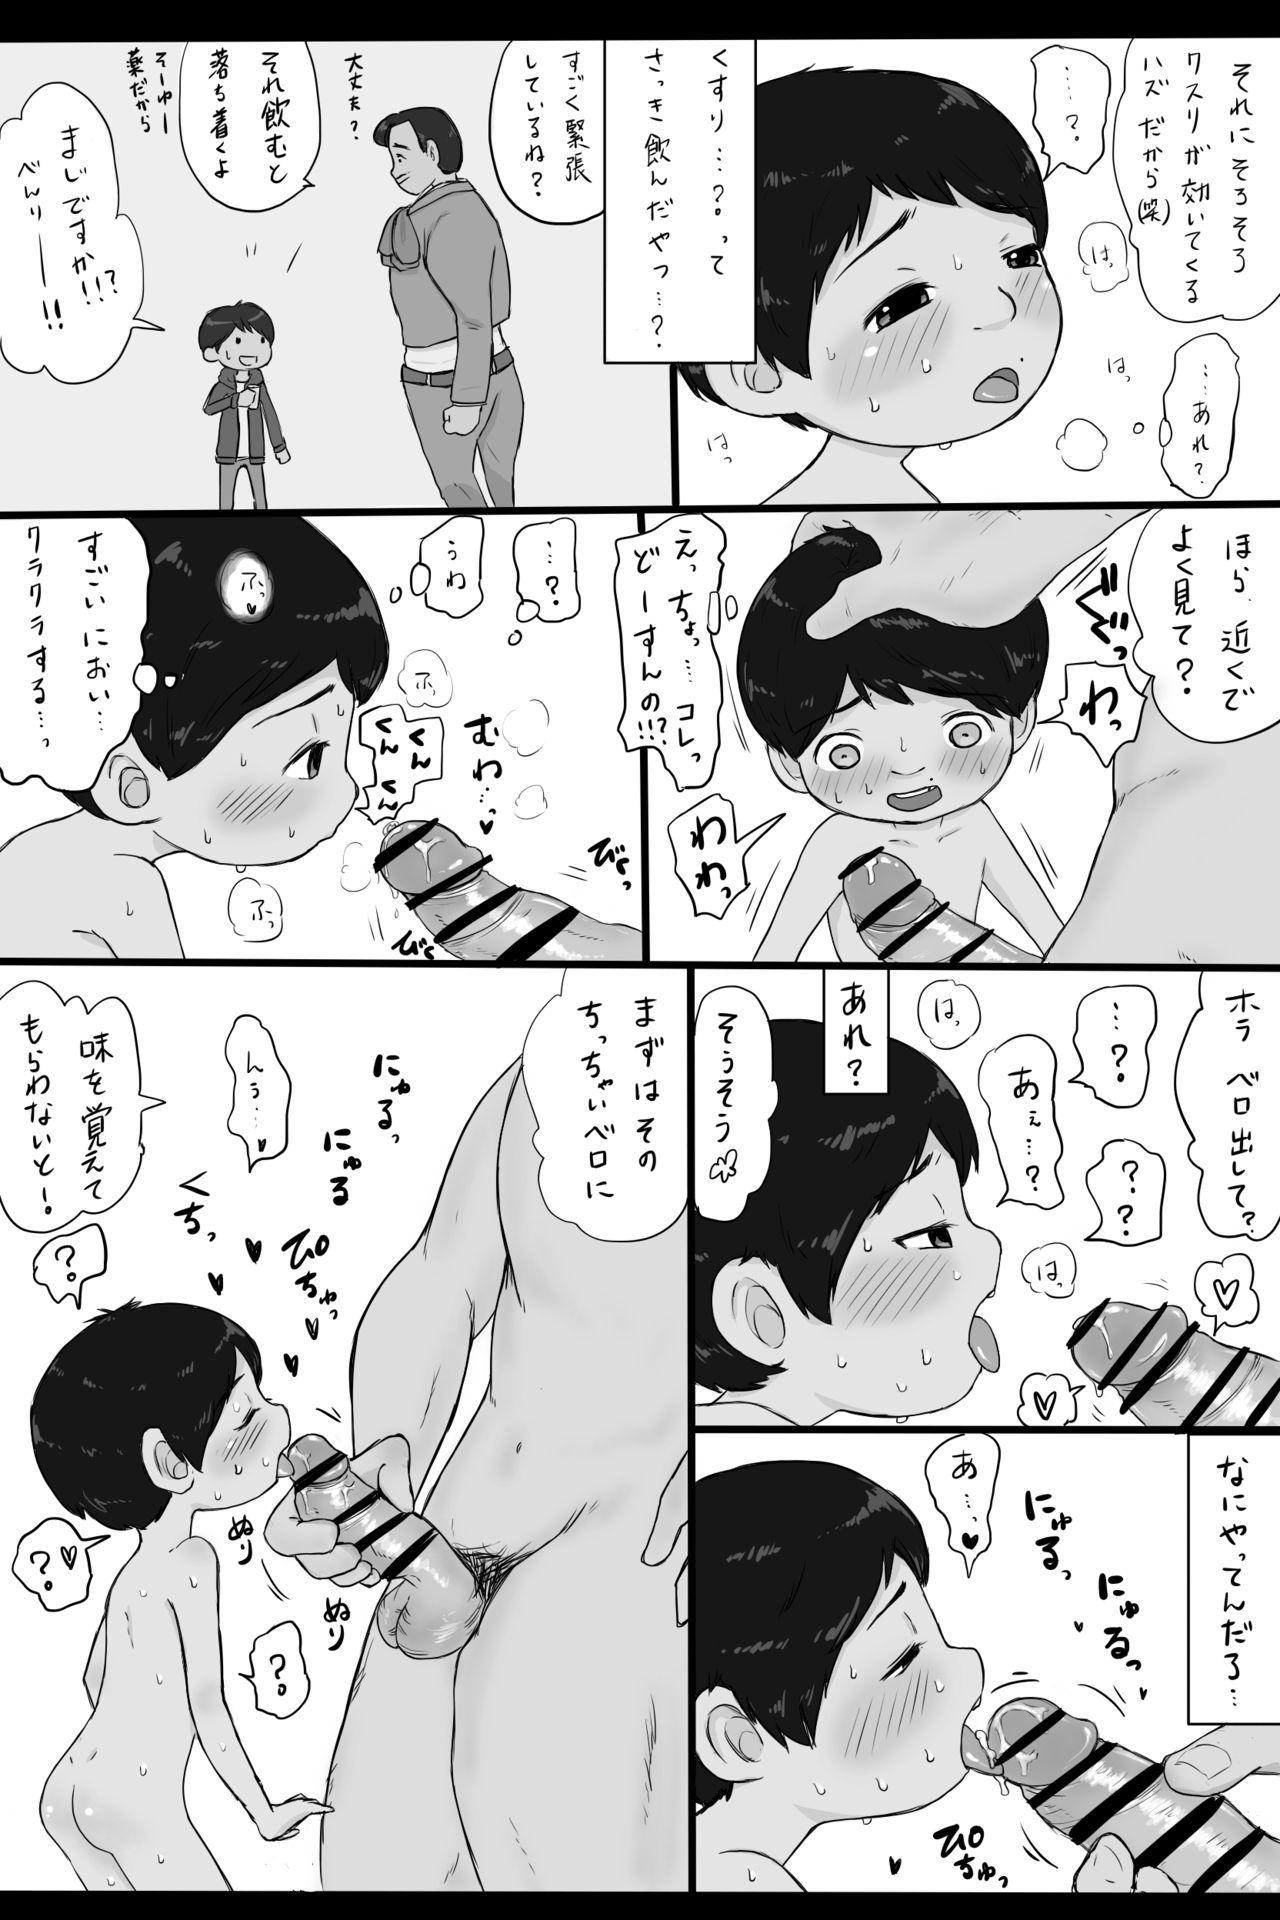 大沼信一 - Unknow Coco doujin 6 2